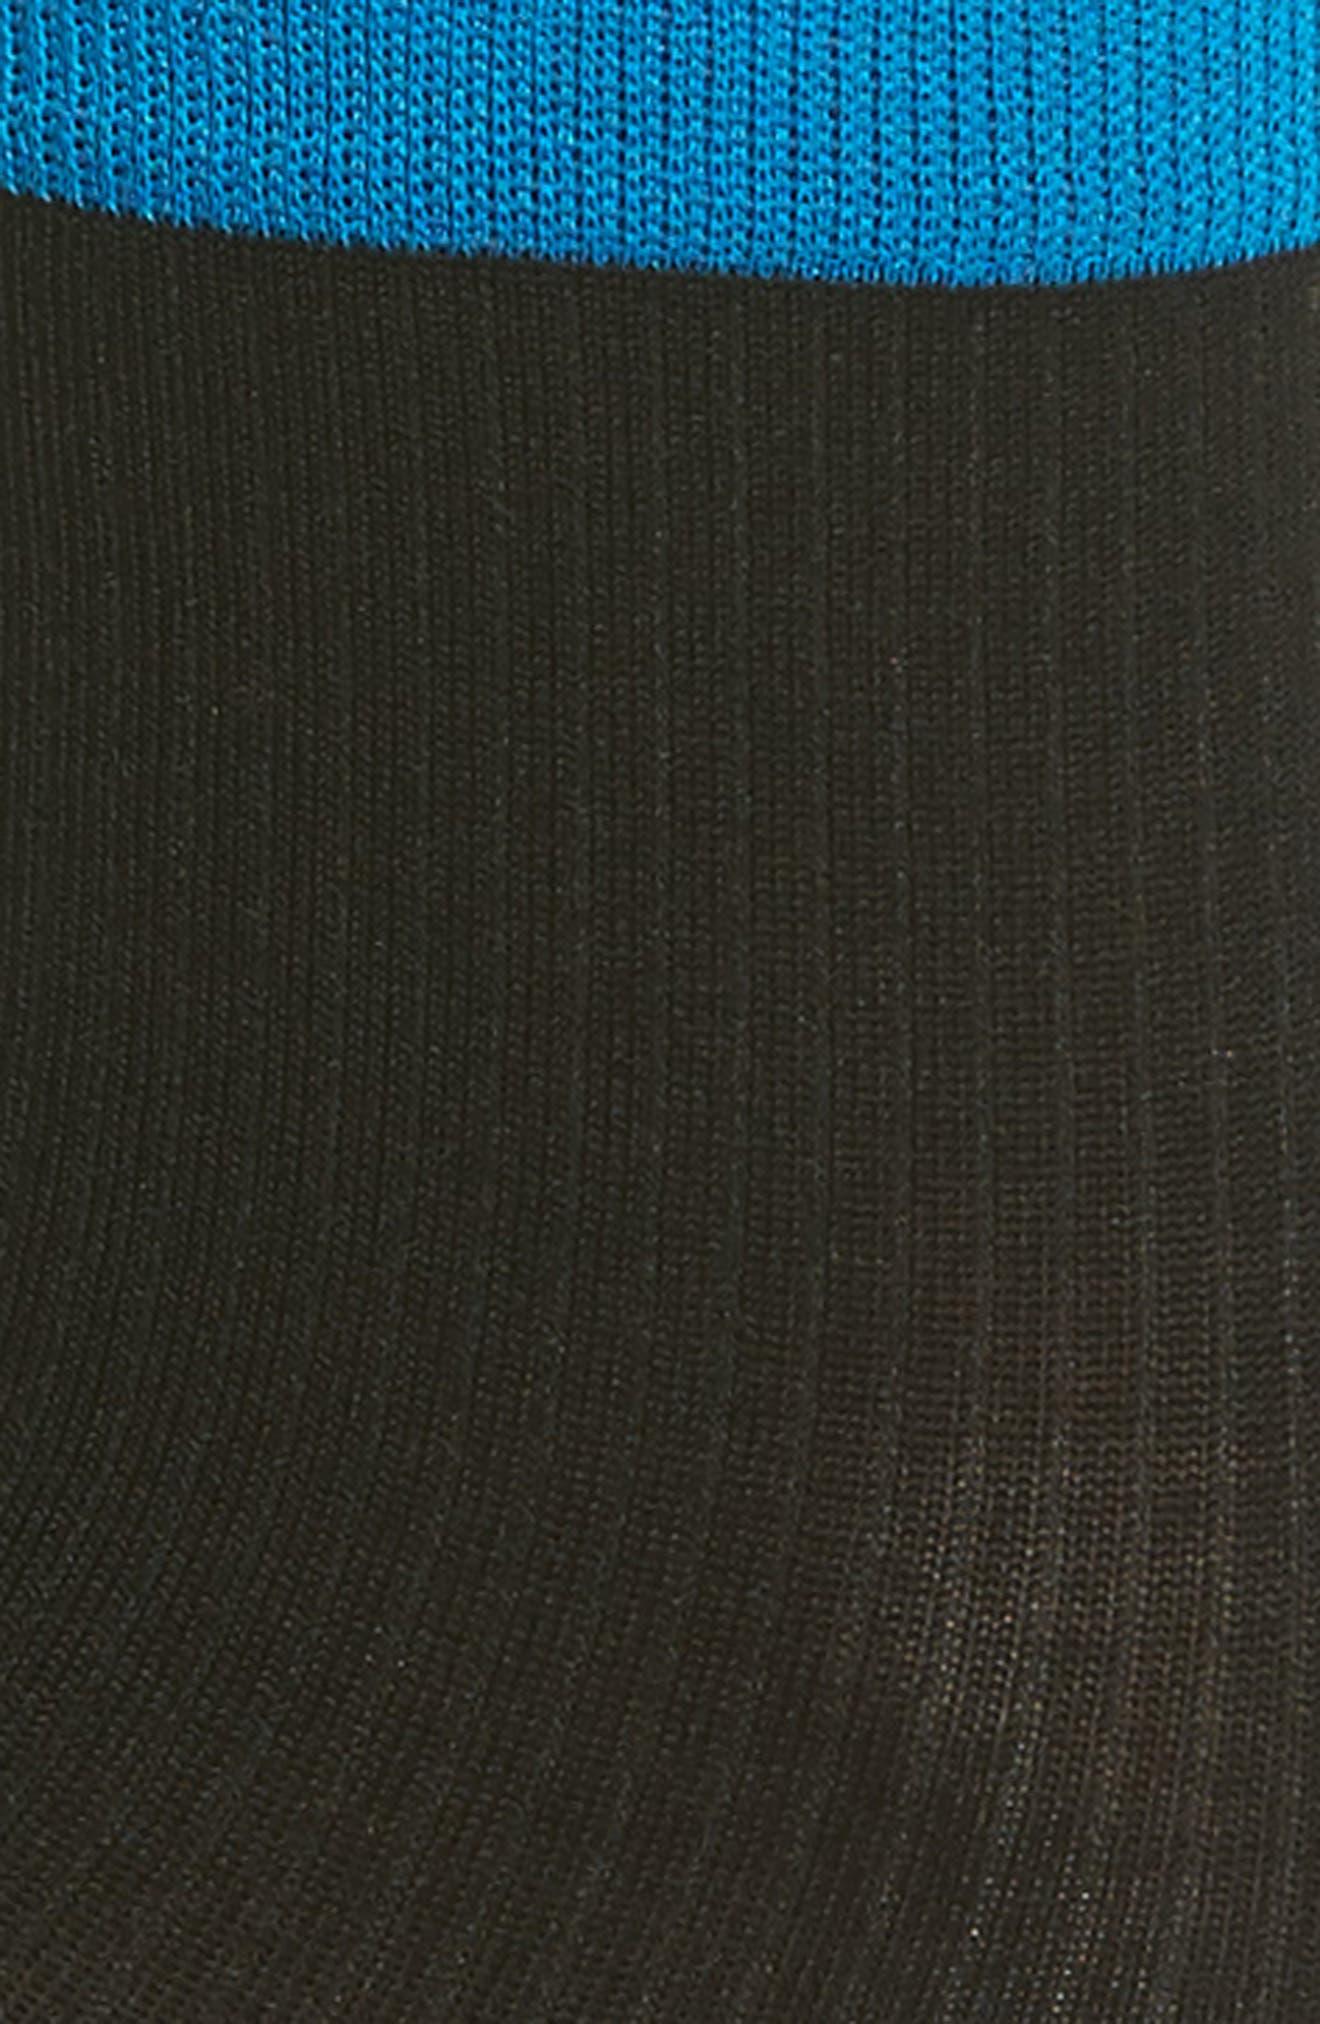 Lily Rib Ankle Socks,                             Alternate thumbnail 2, color,                             Black